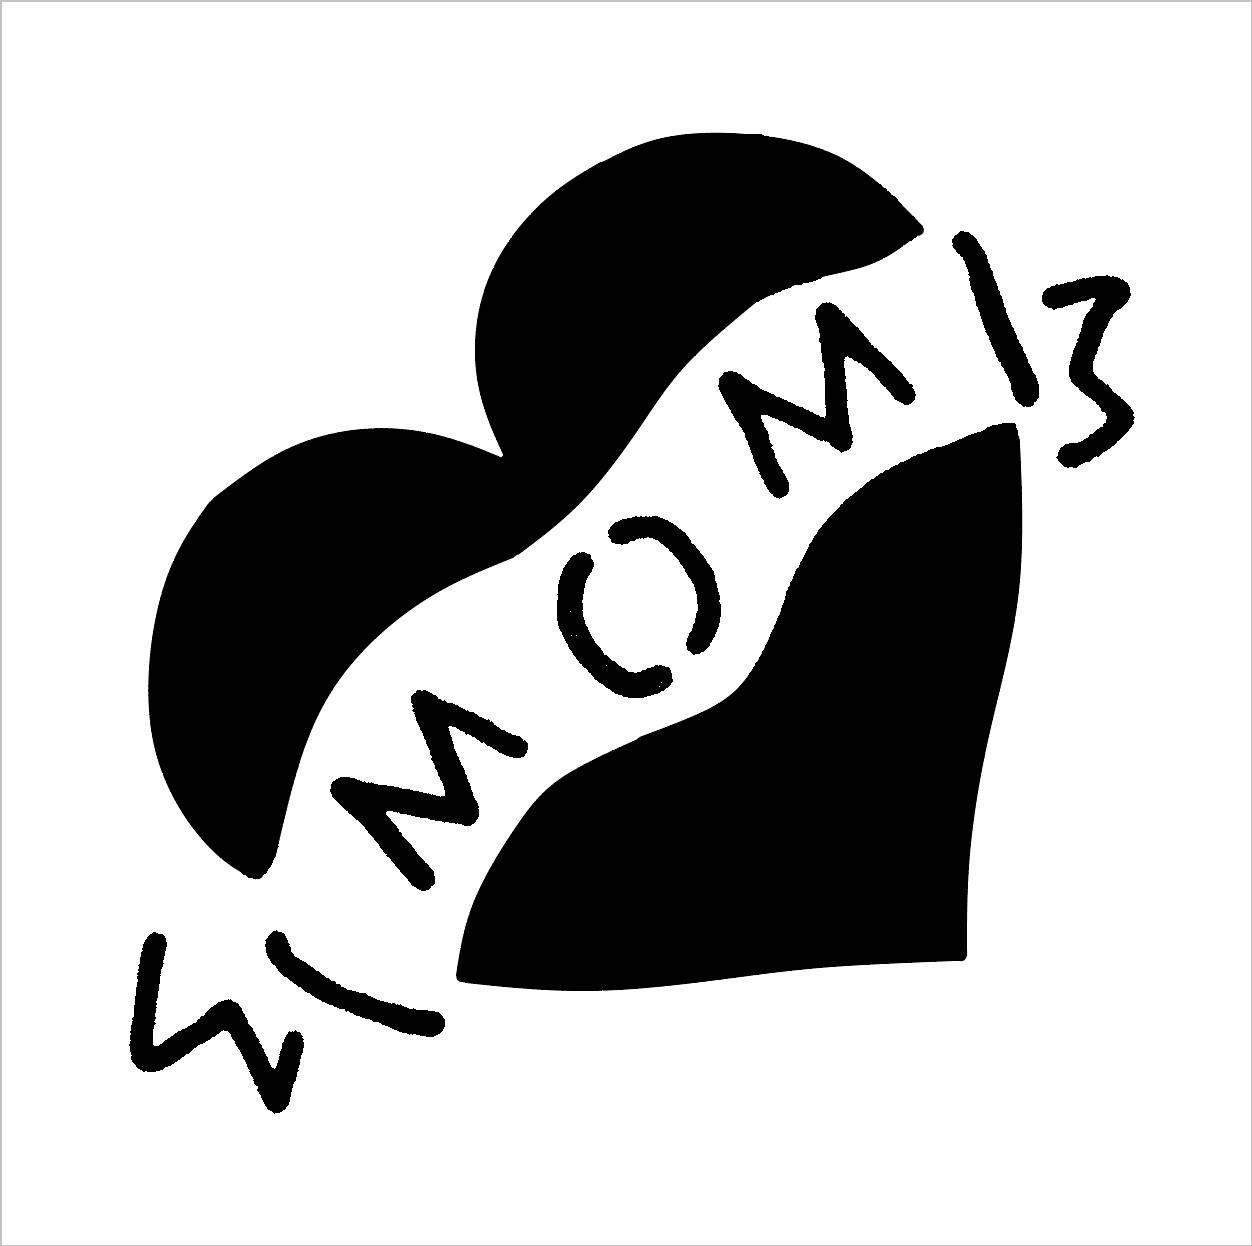 Mom Heart Tattoo Stencil Insert